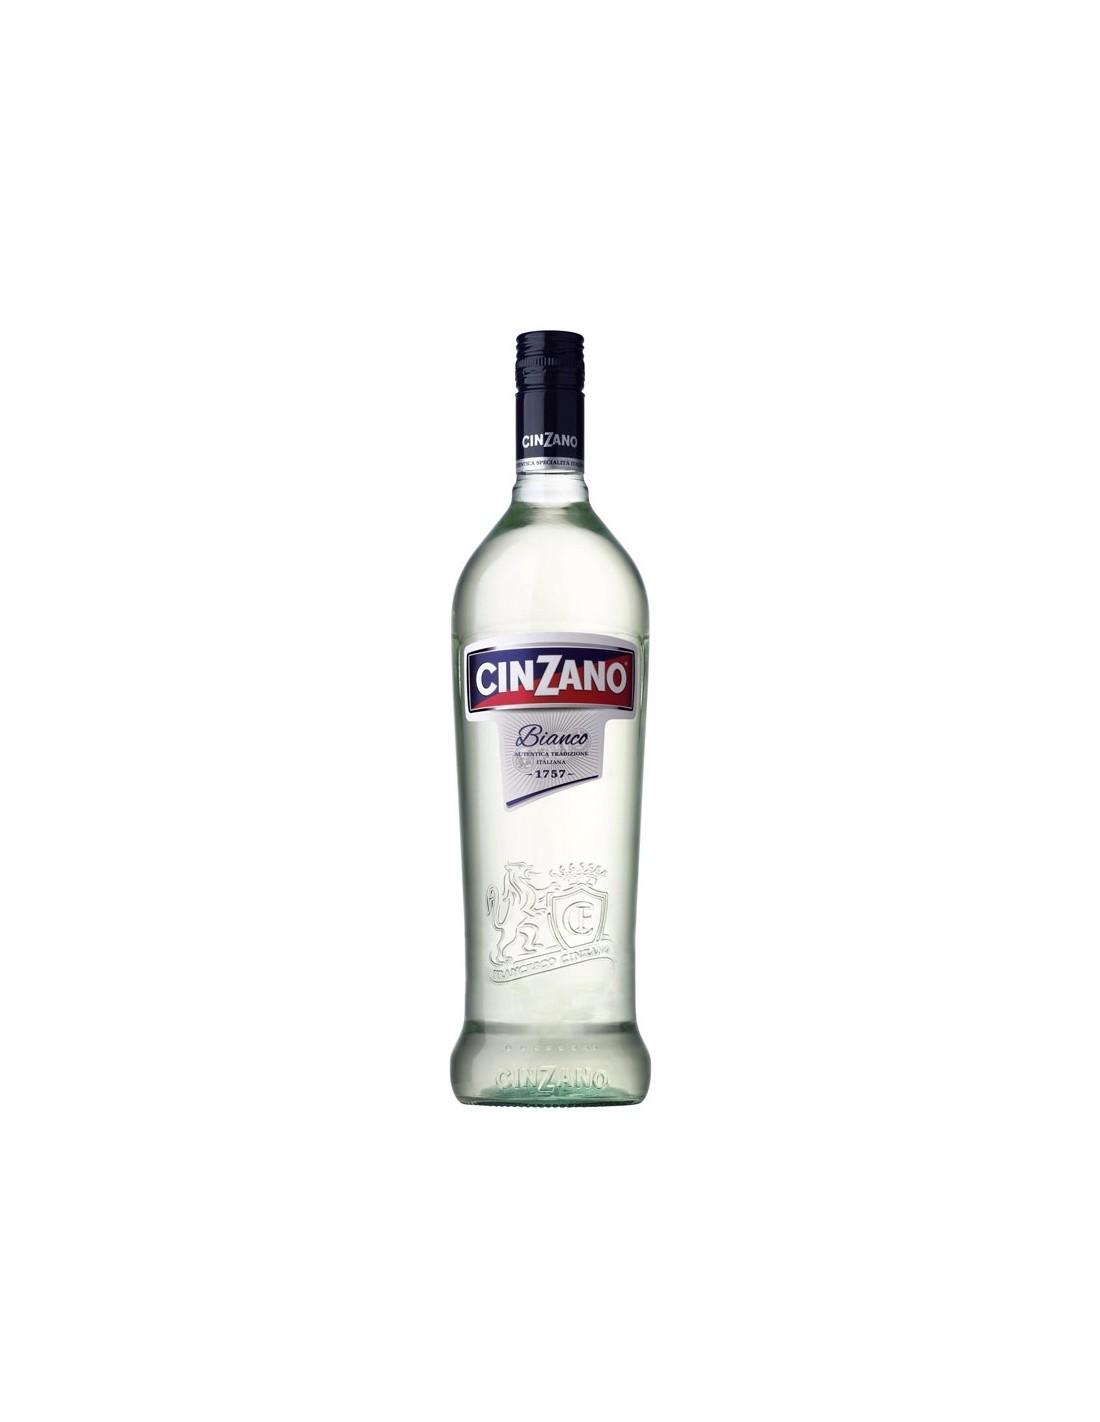 Vermut Cinzano Bianco, 15% alc., 0.7L, Italia